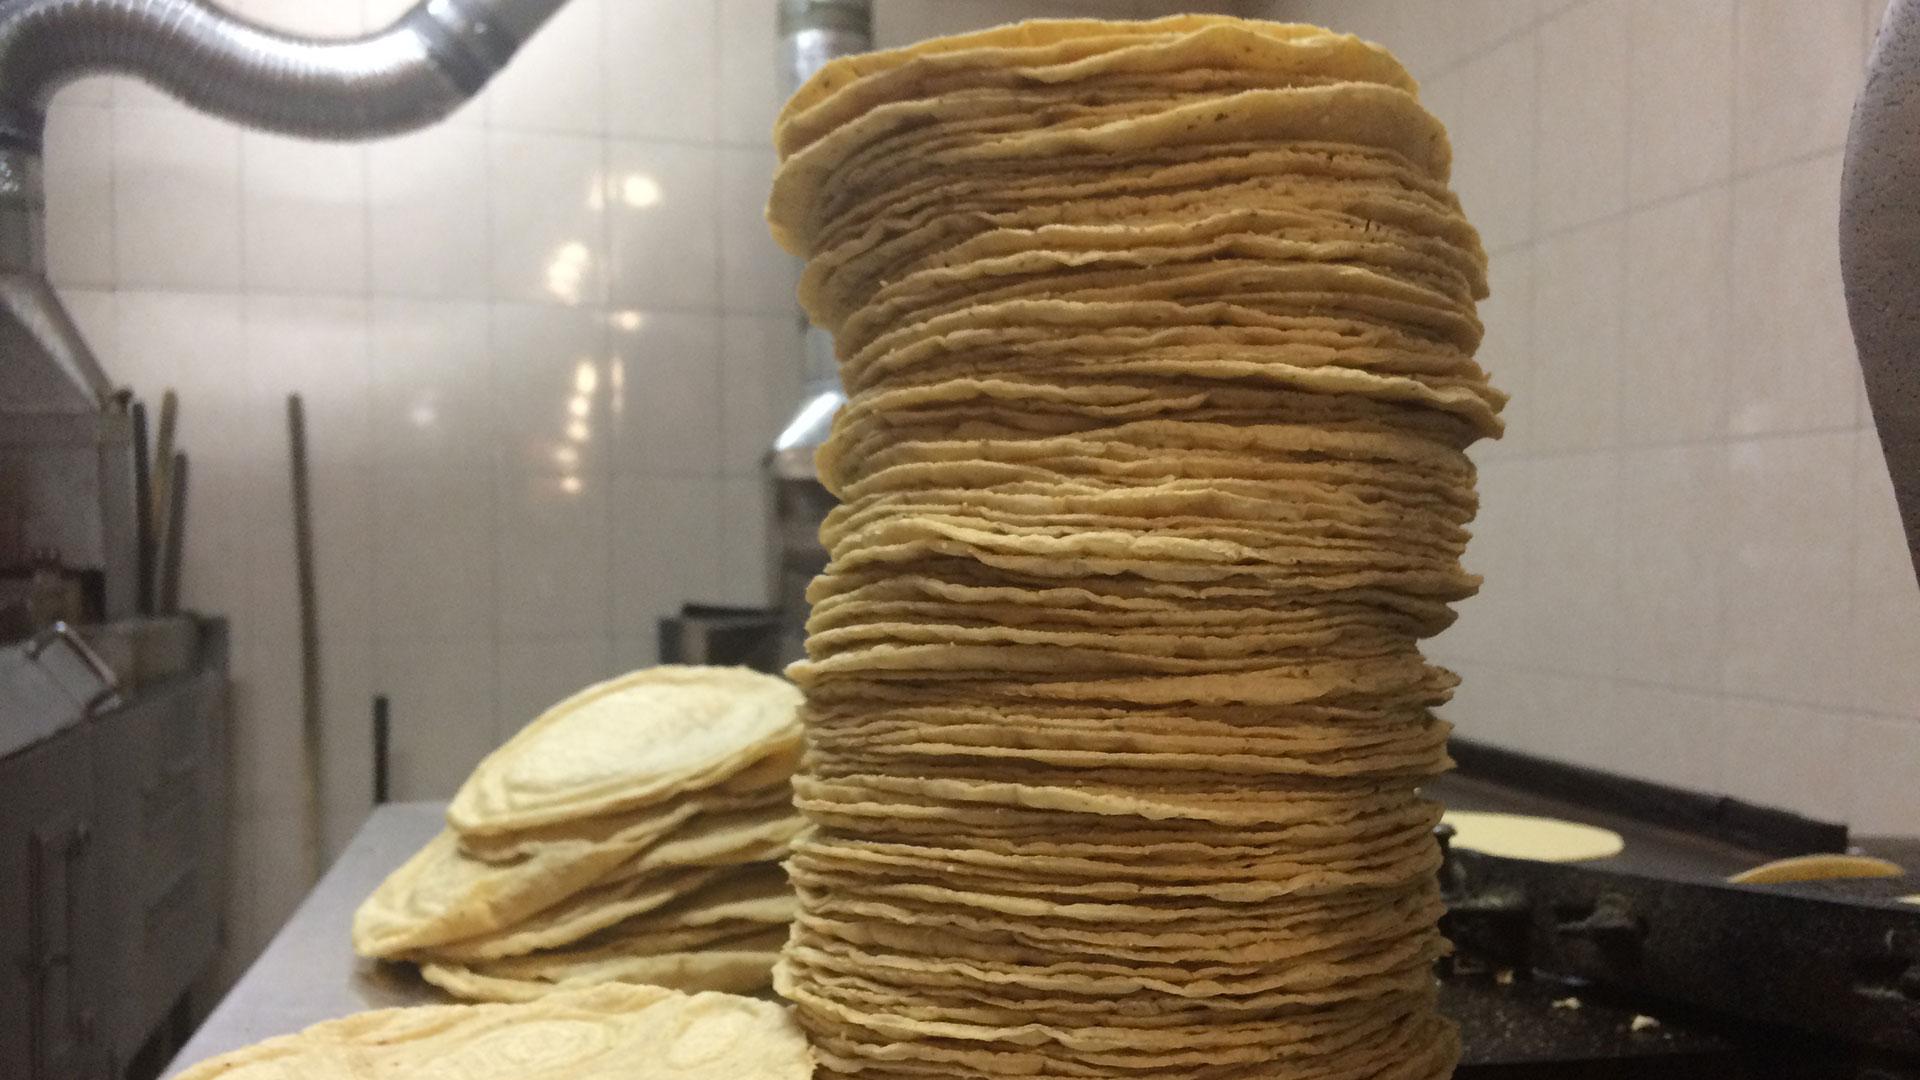 La tortilla es el principal alimento de los mexicanos (Foto: Archivo)